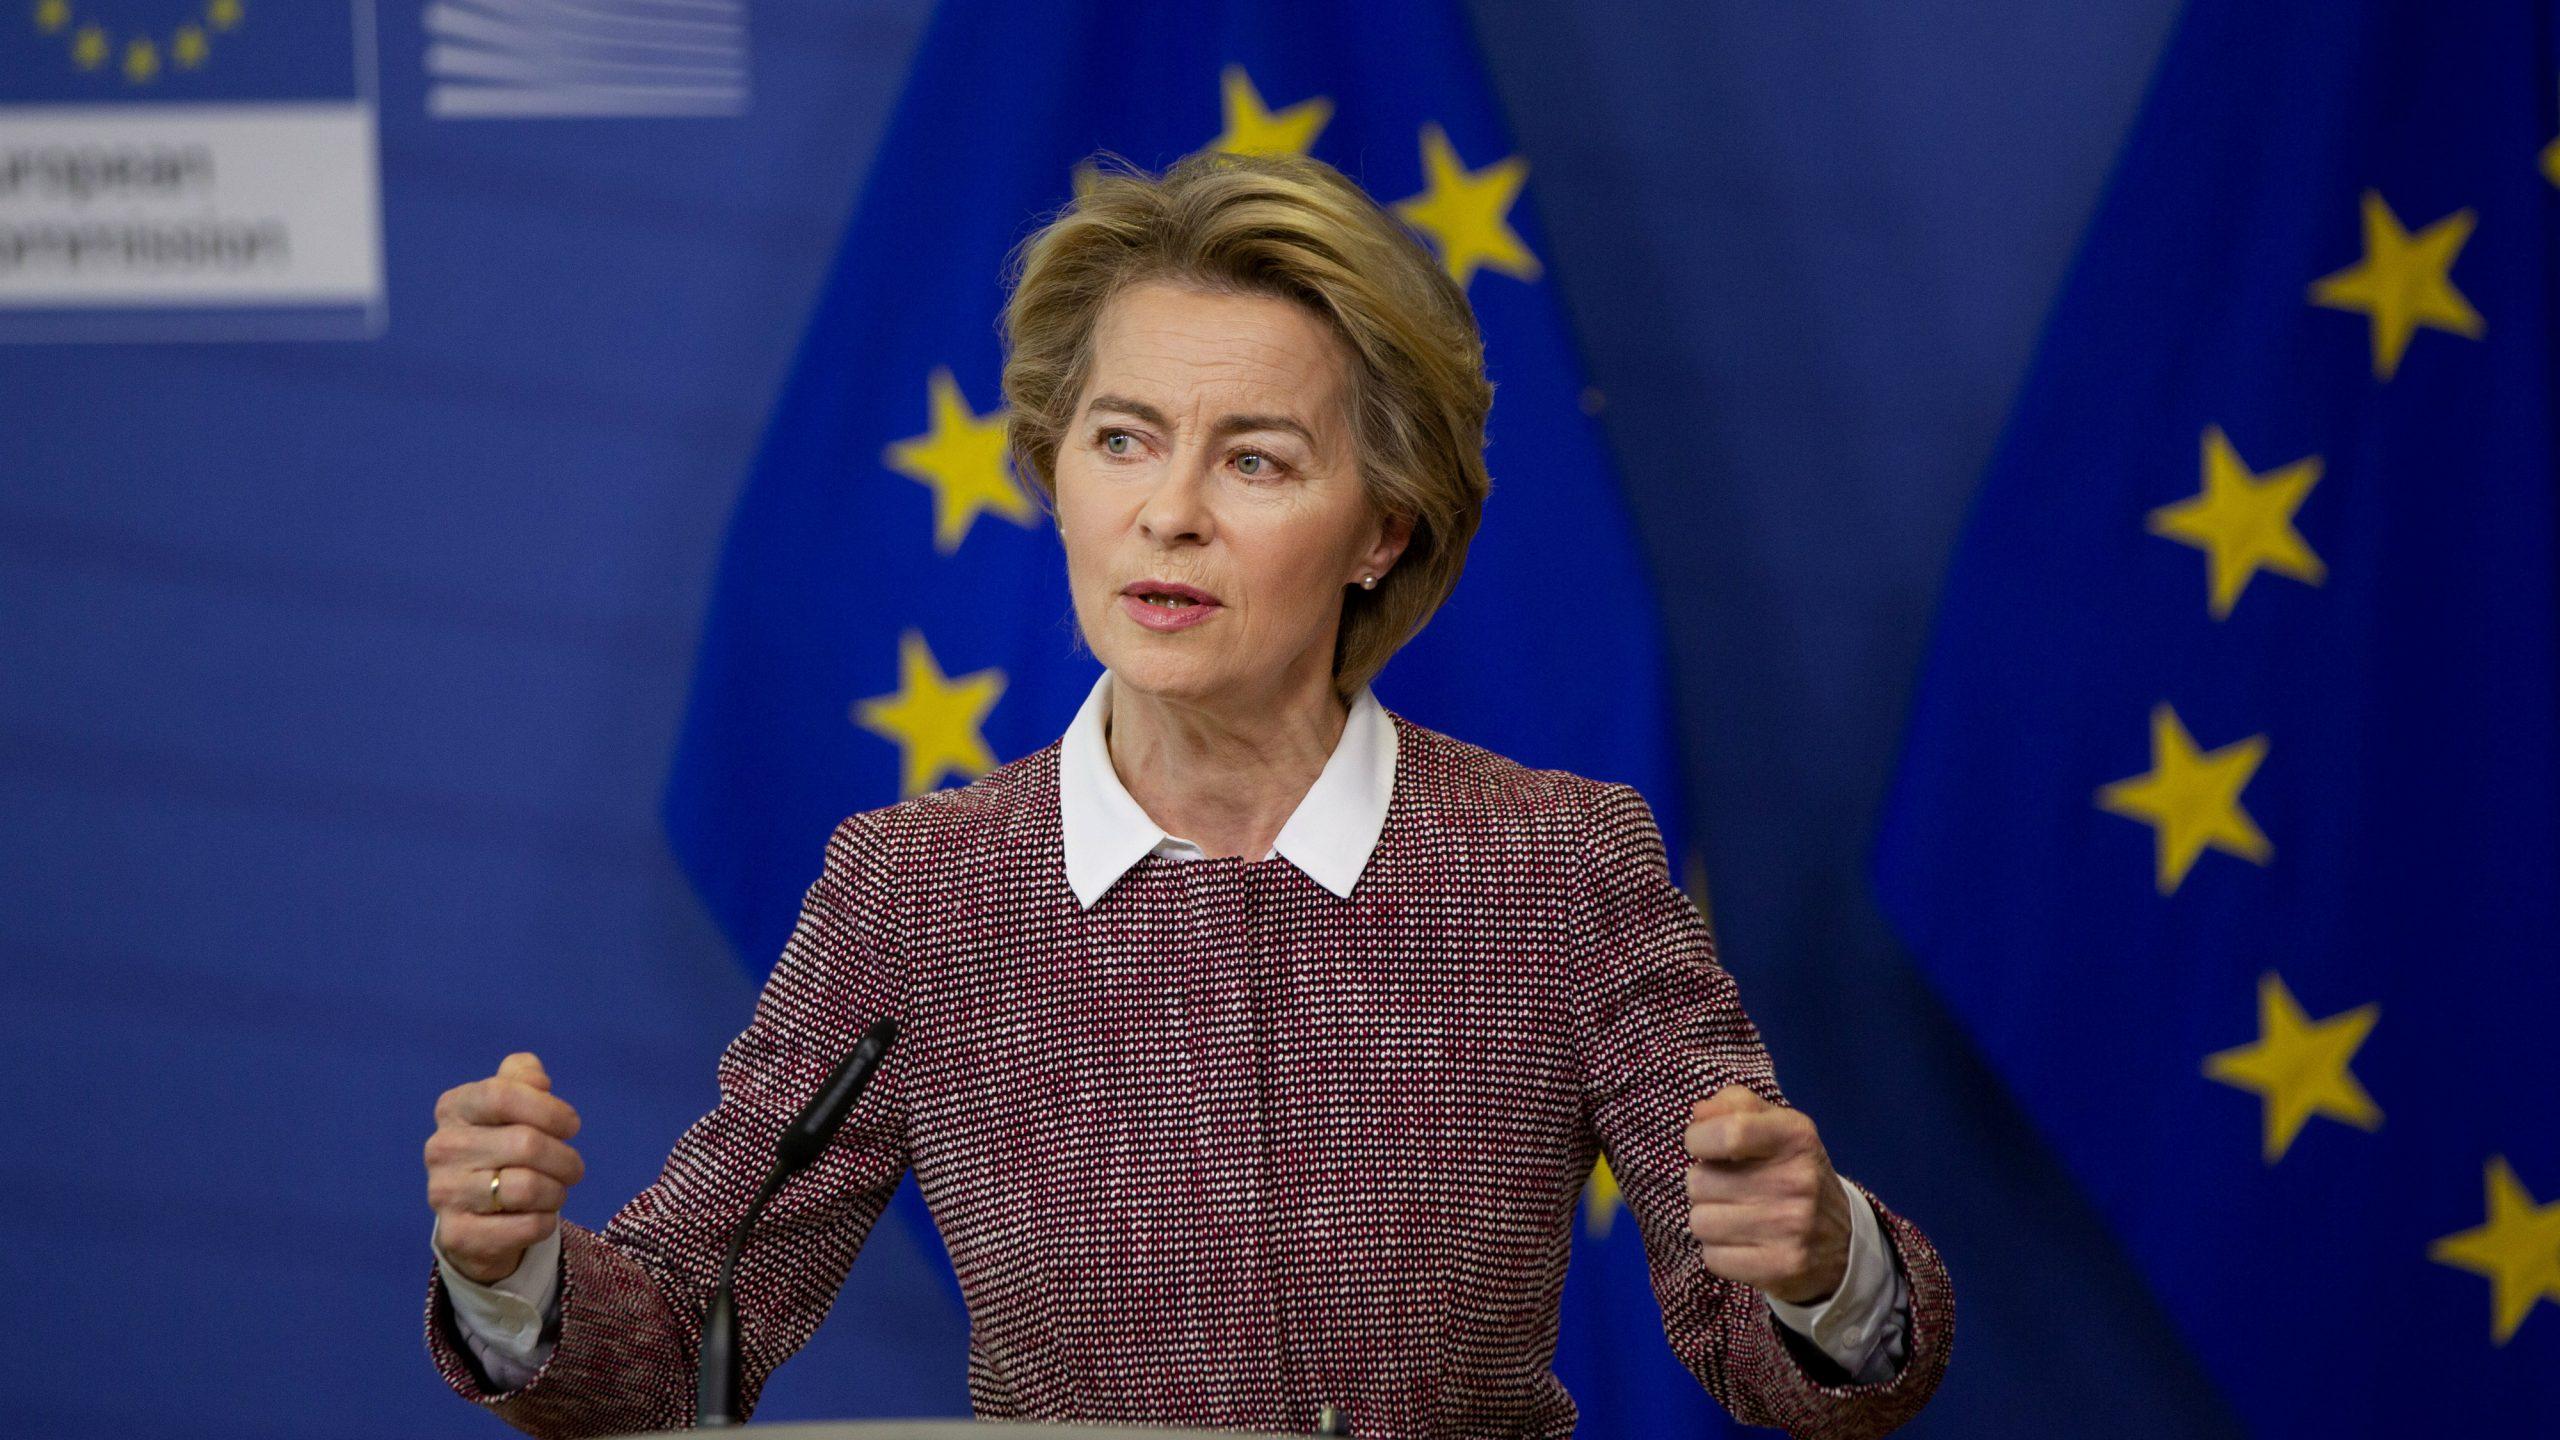 Šta će predsednica Evropske komisije poručiti Srbiji? 1